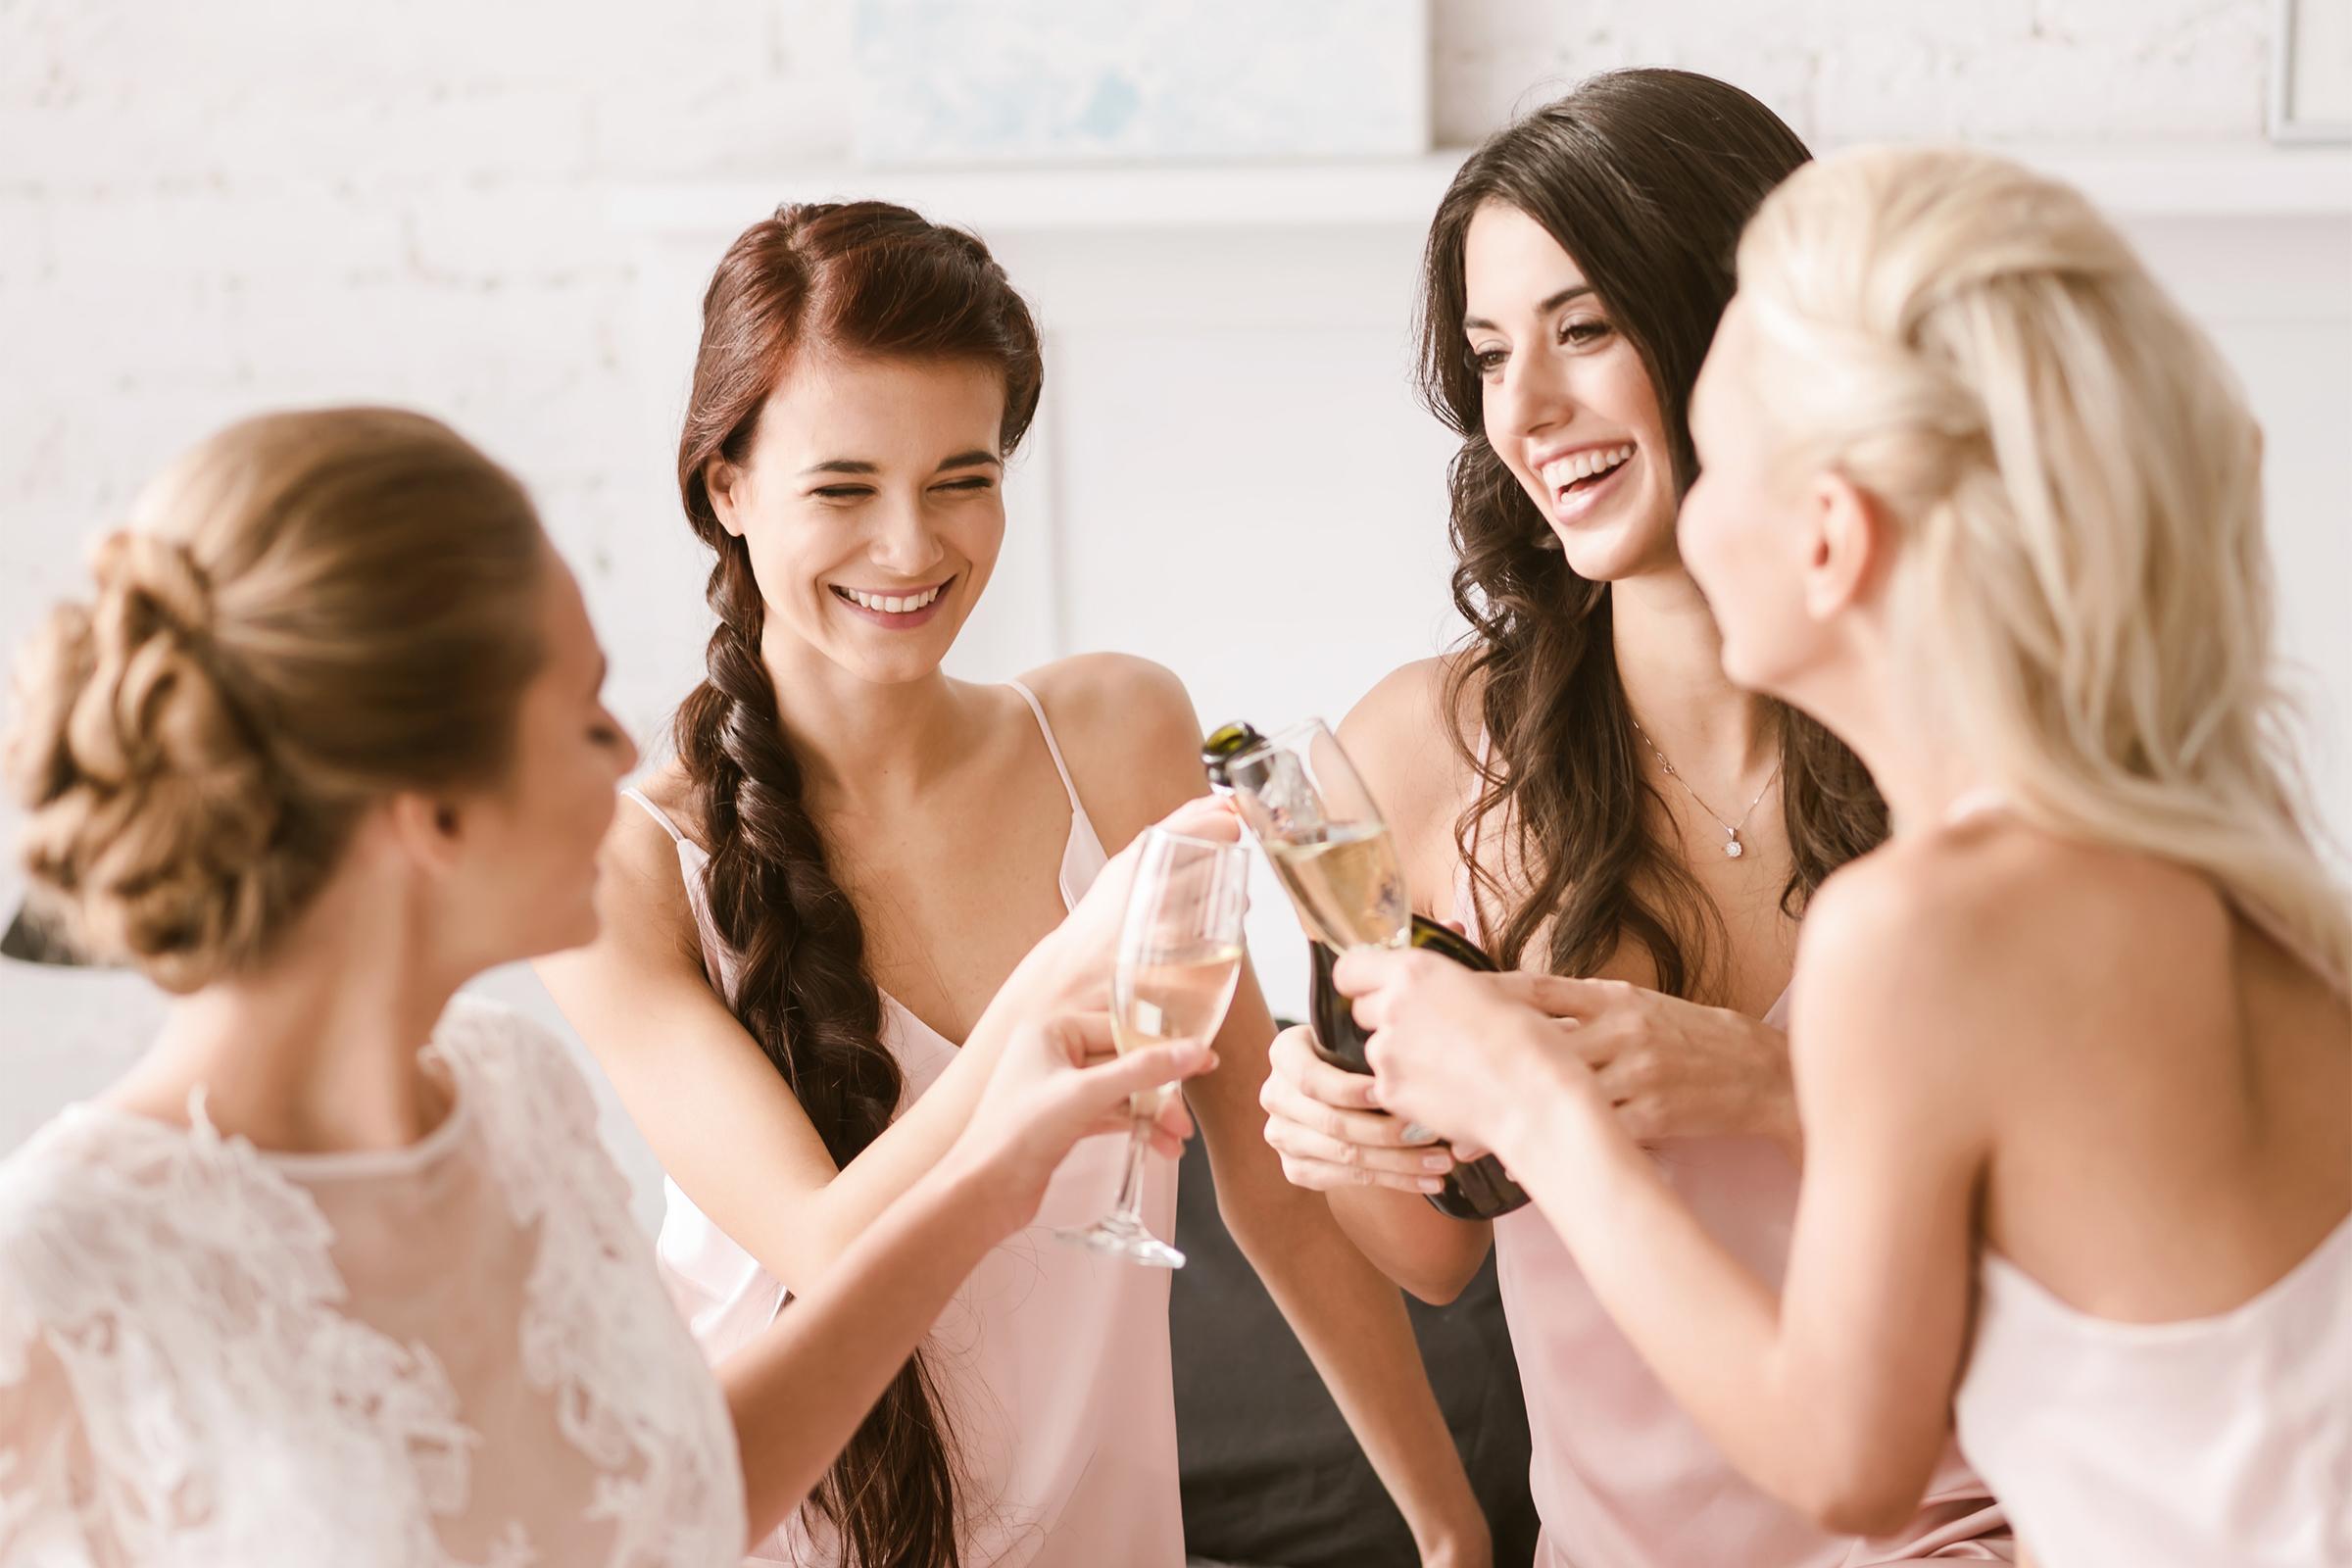 d43bc45cd9 Nem akart gyereksírást az esküvőn: erre kérte barátnőjét a menyasszony